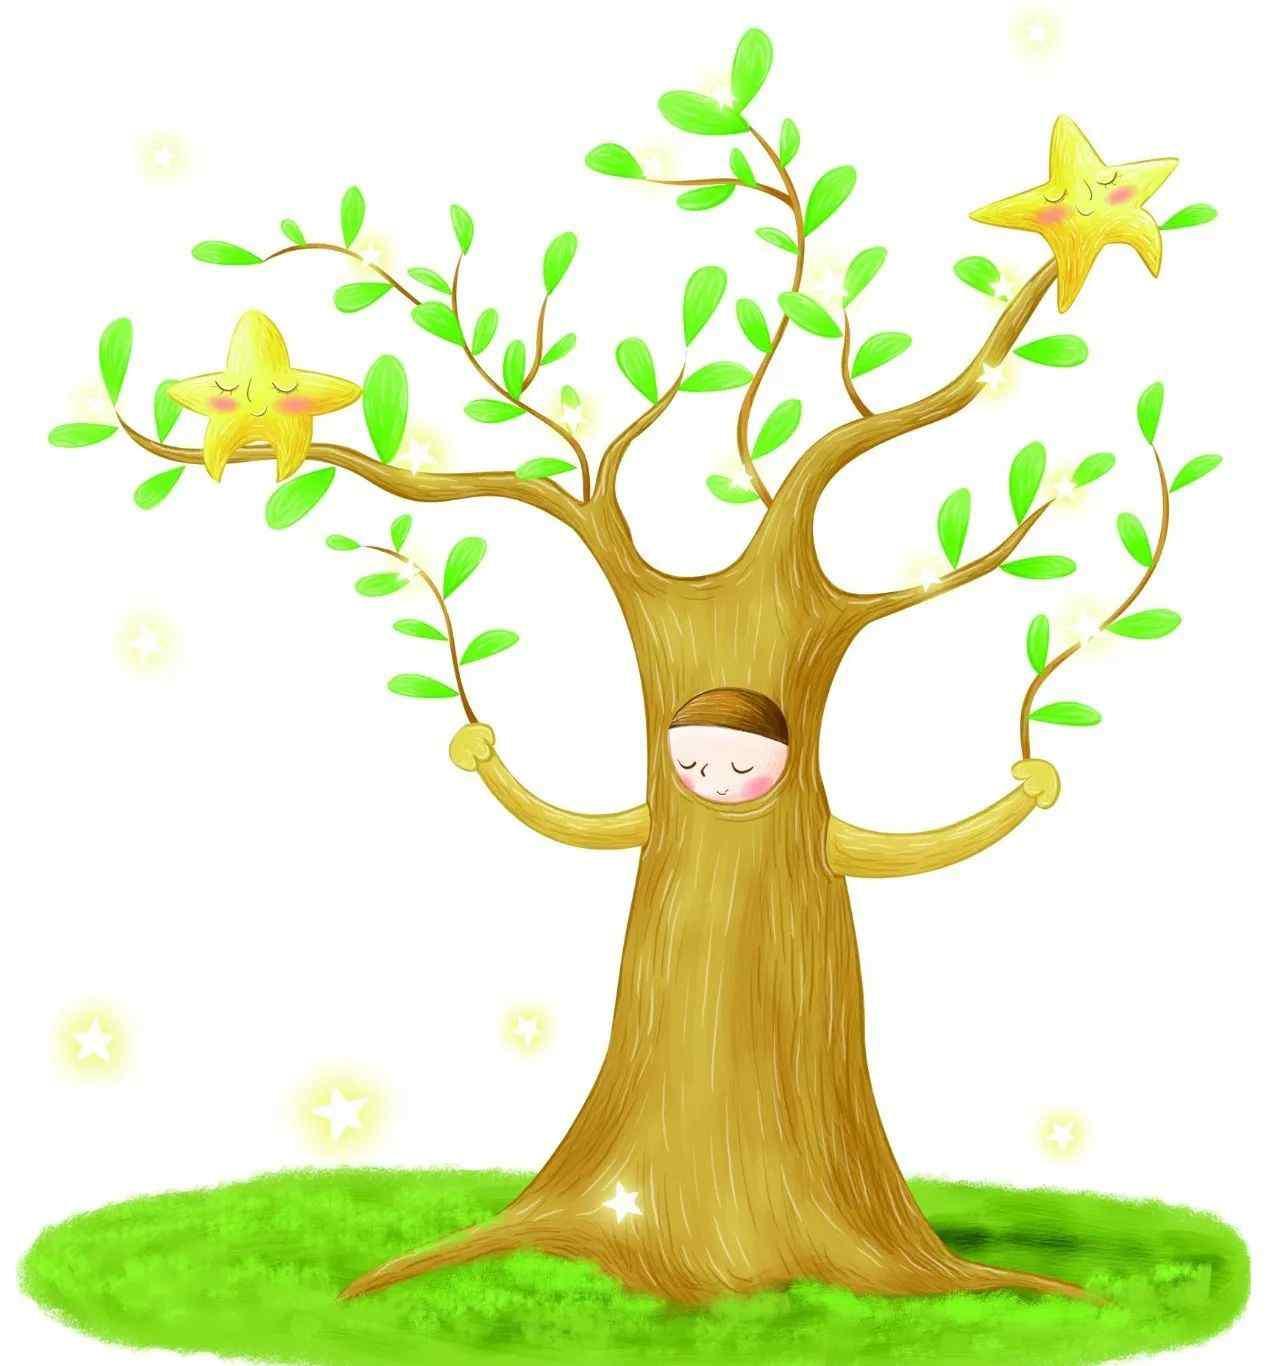 张抗抗 【名家美文】张抗抗:窗前的树